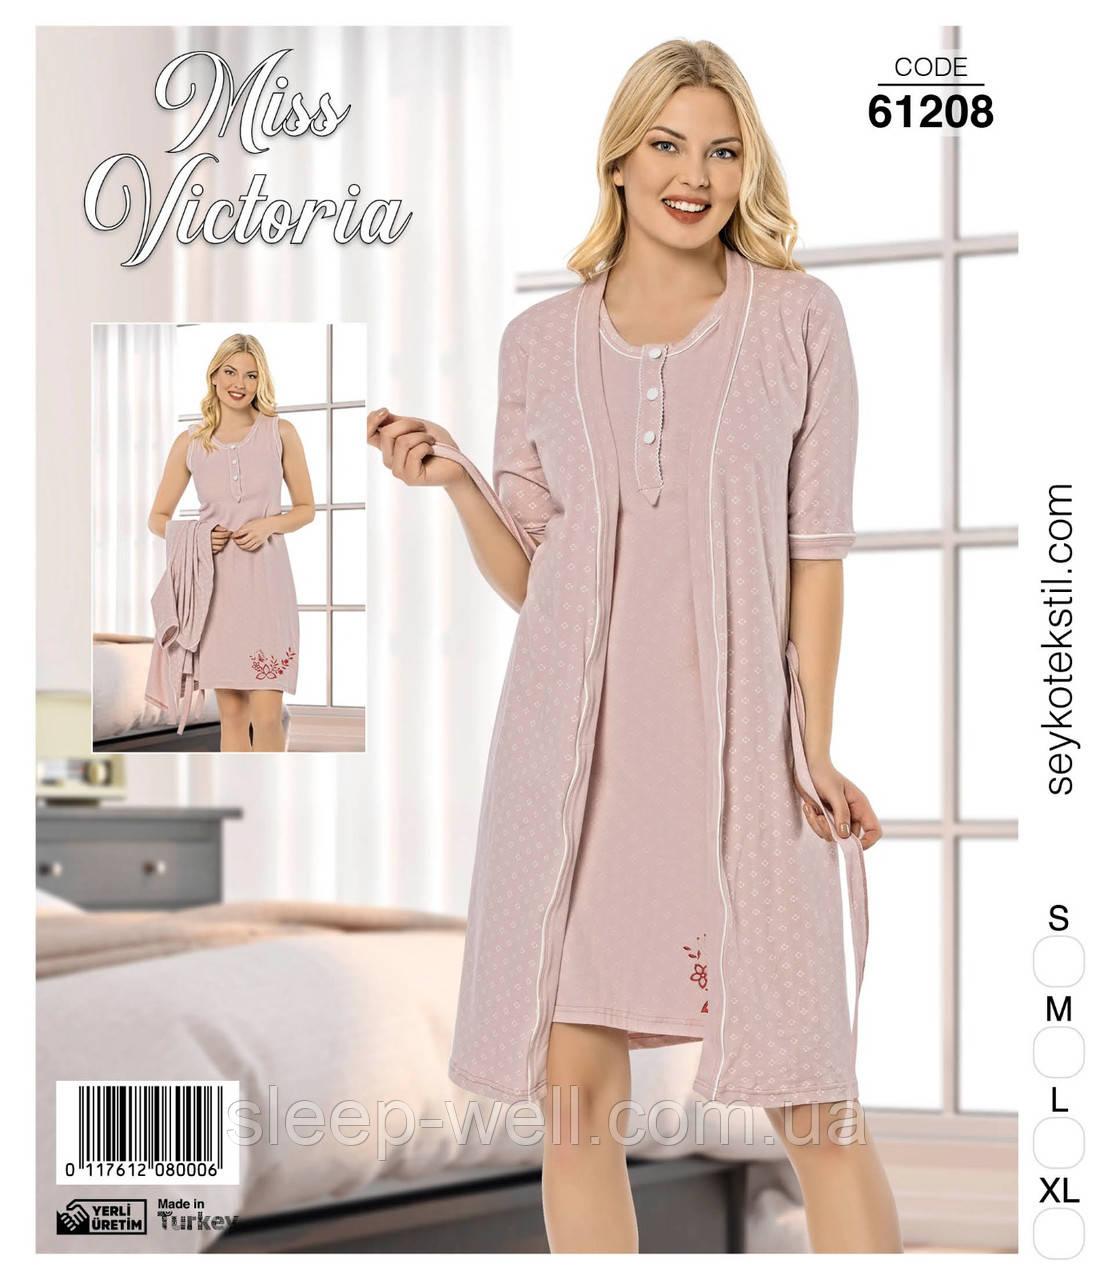 Комплект жіночий з нічною сорочкою, Міс Вікторія